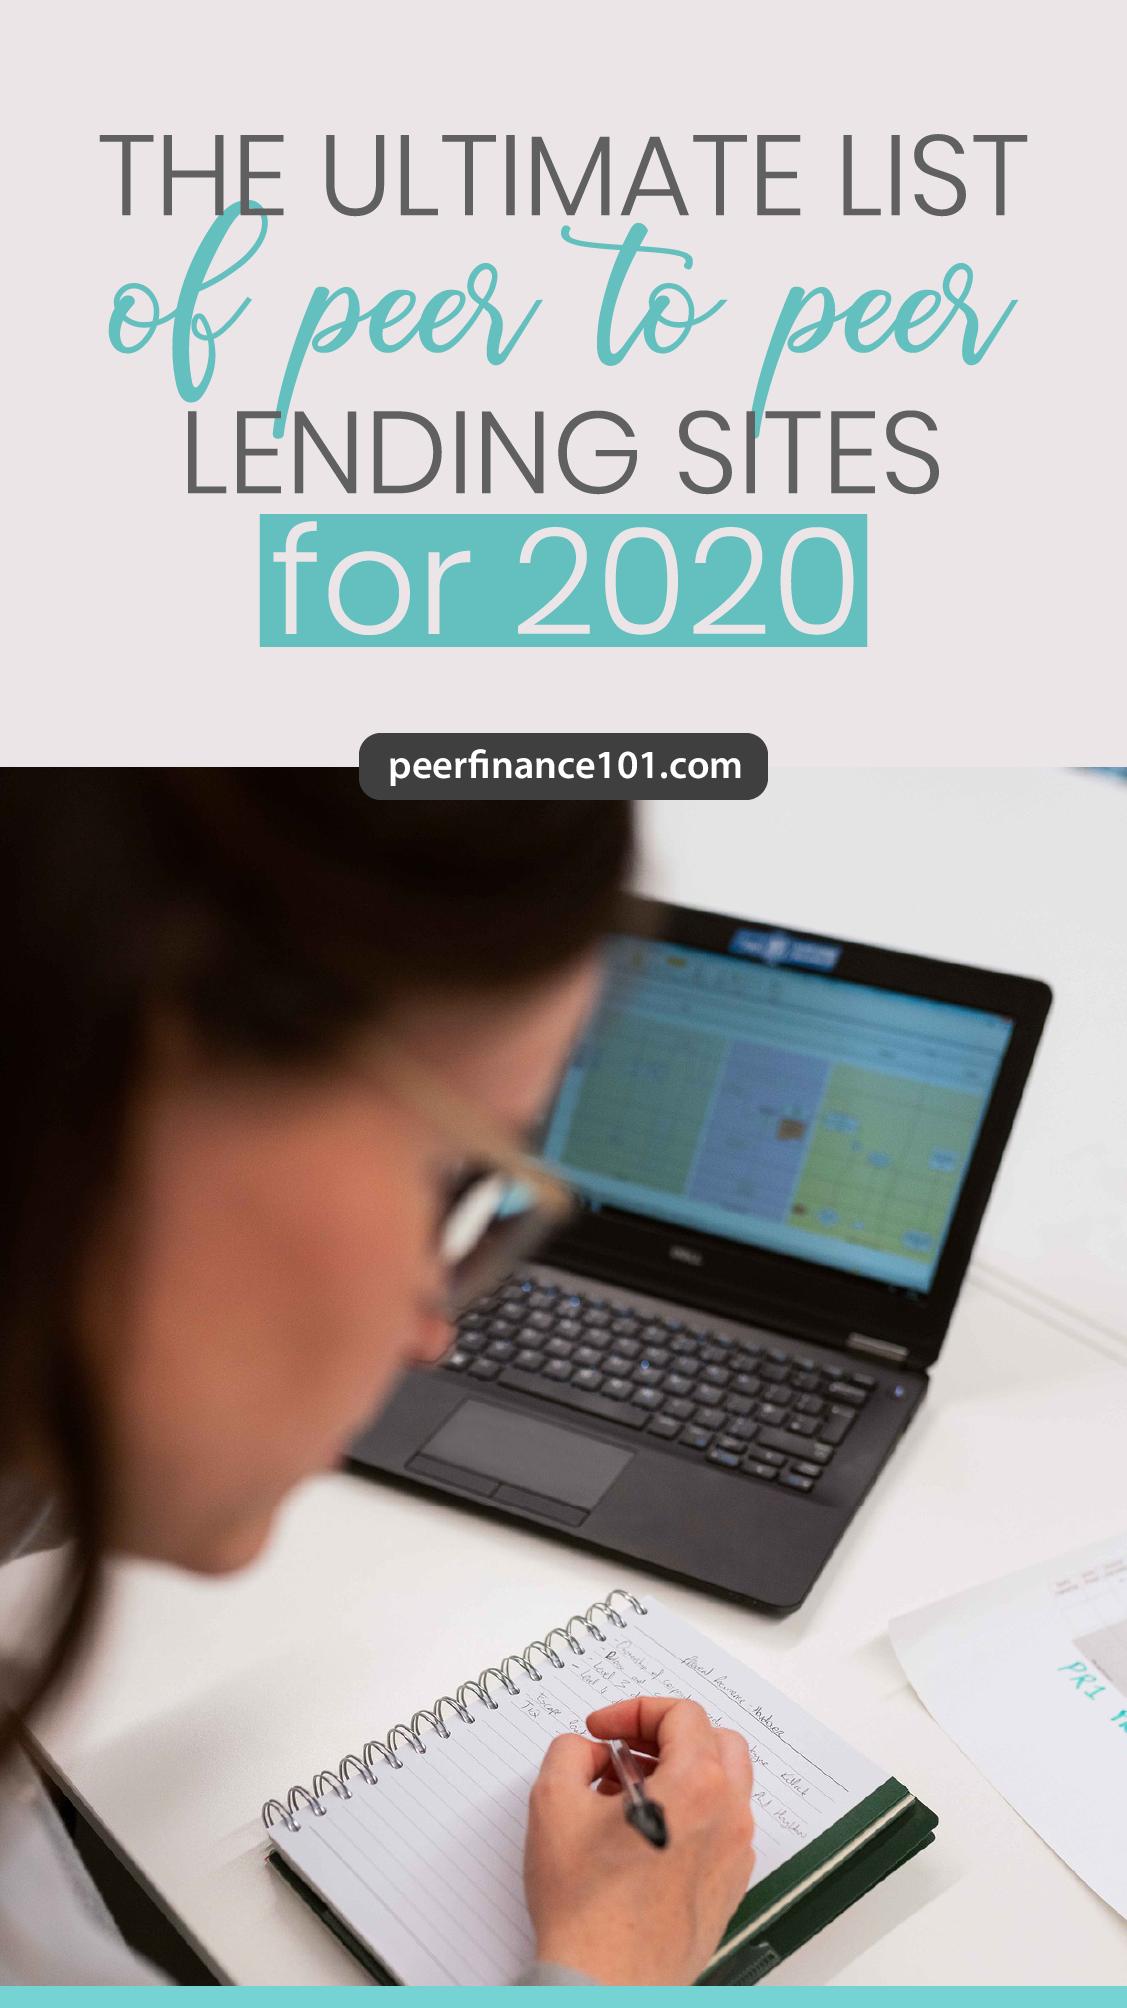 The Ultimate List Of Peer To Peer Lending Sites For 2020 In 2020 Lending Site Peer To Peer Lending Peer